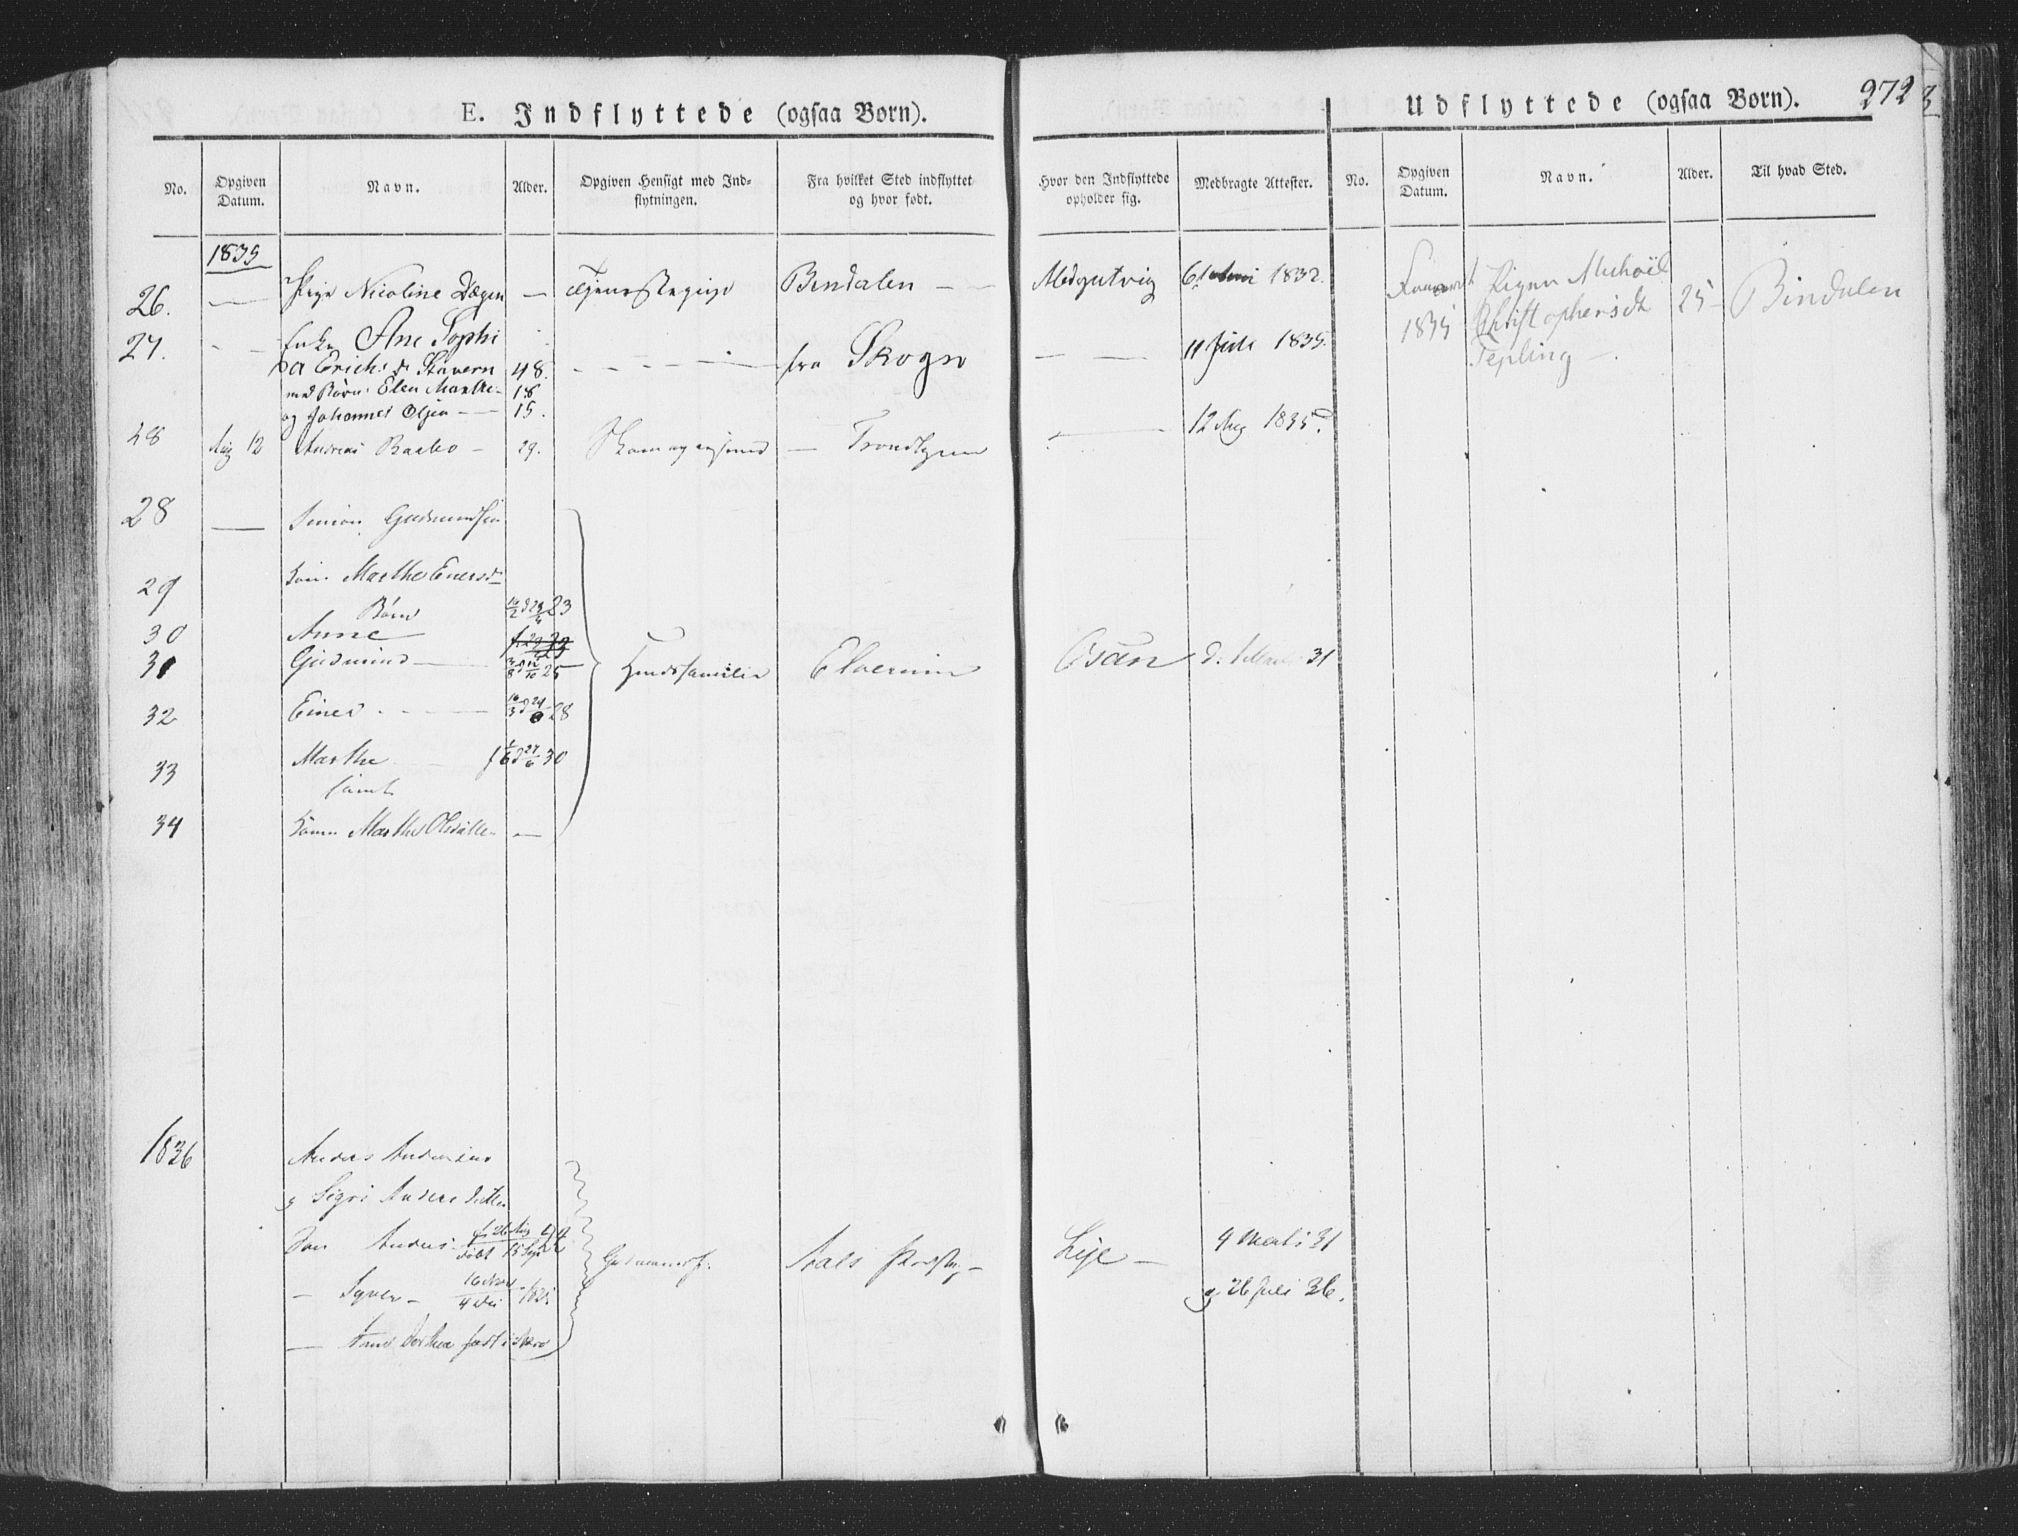 SAT, Ministerialprotokoller, klokkerbøker og fødselsregistre - Nord-Trøndelag, 780/L0639: Ministerialbok nr. 780A04, 1830-1844, s. 272